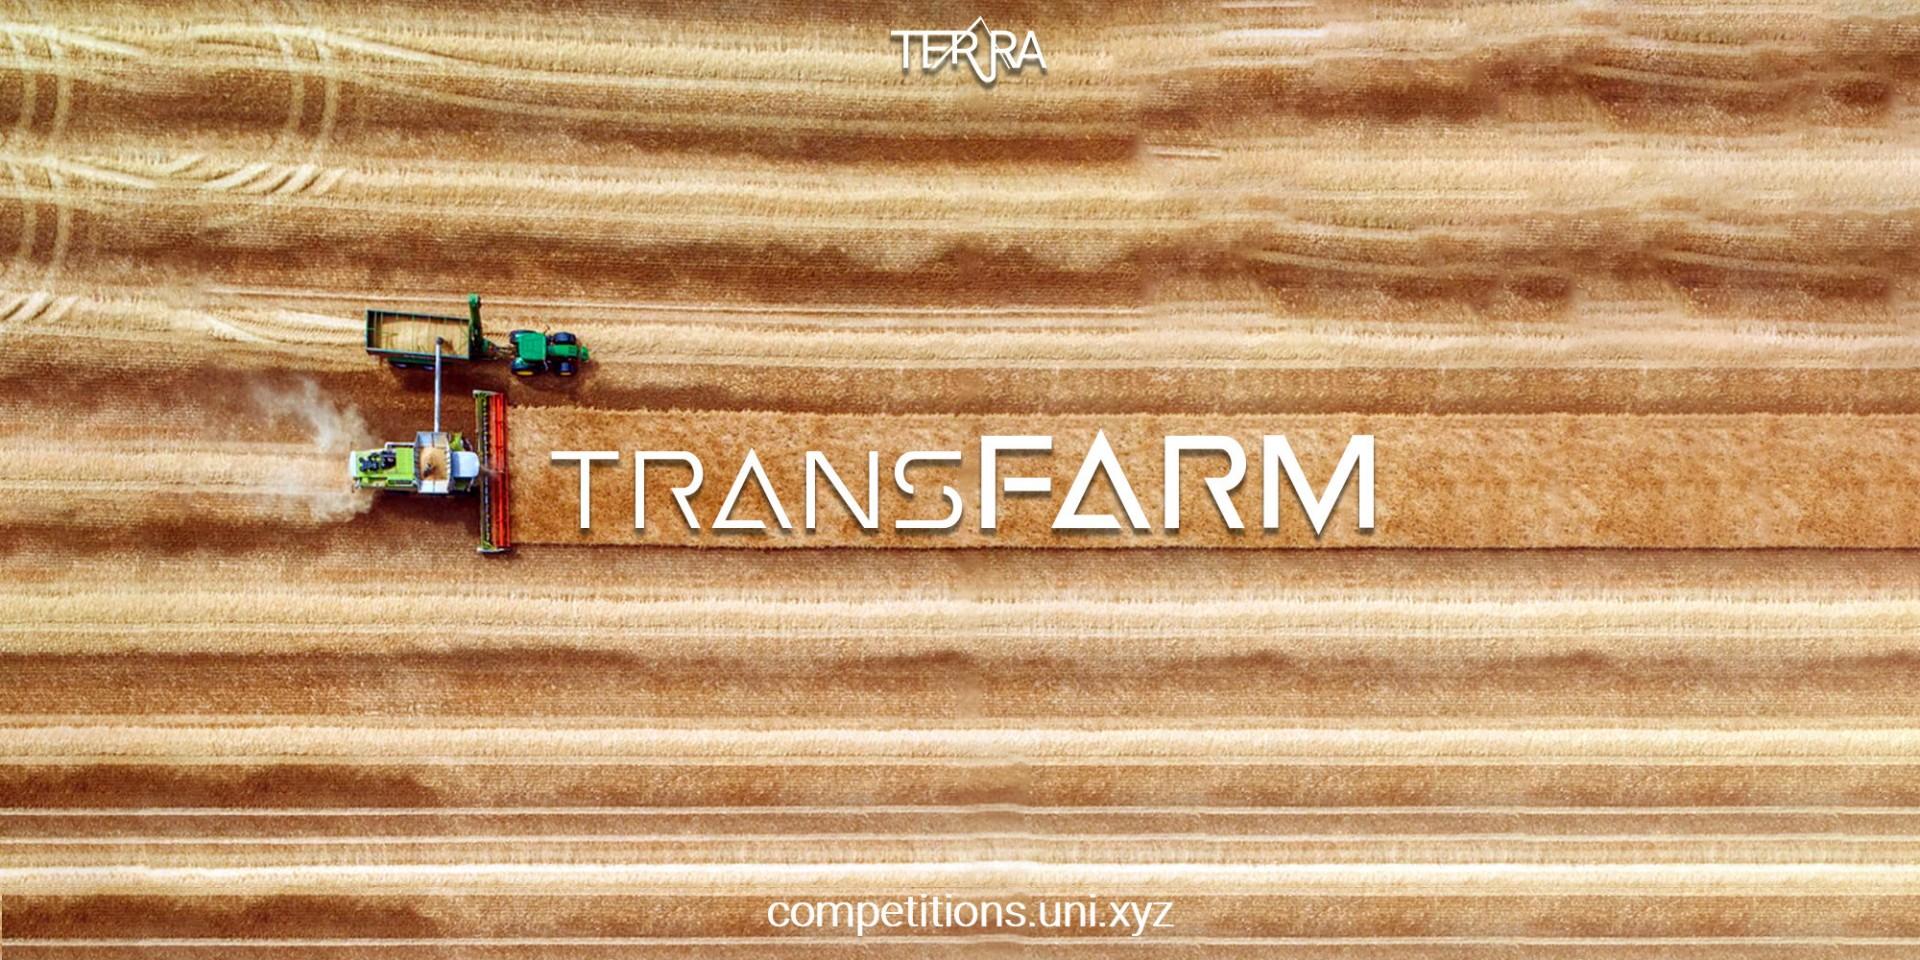 Успех наших студената на интернационалном студентском конкурсу TRANSFARM